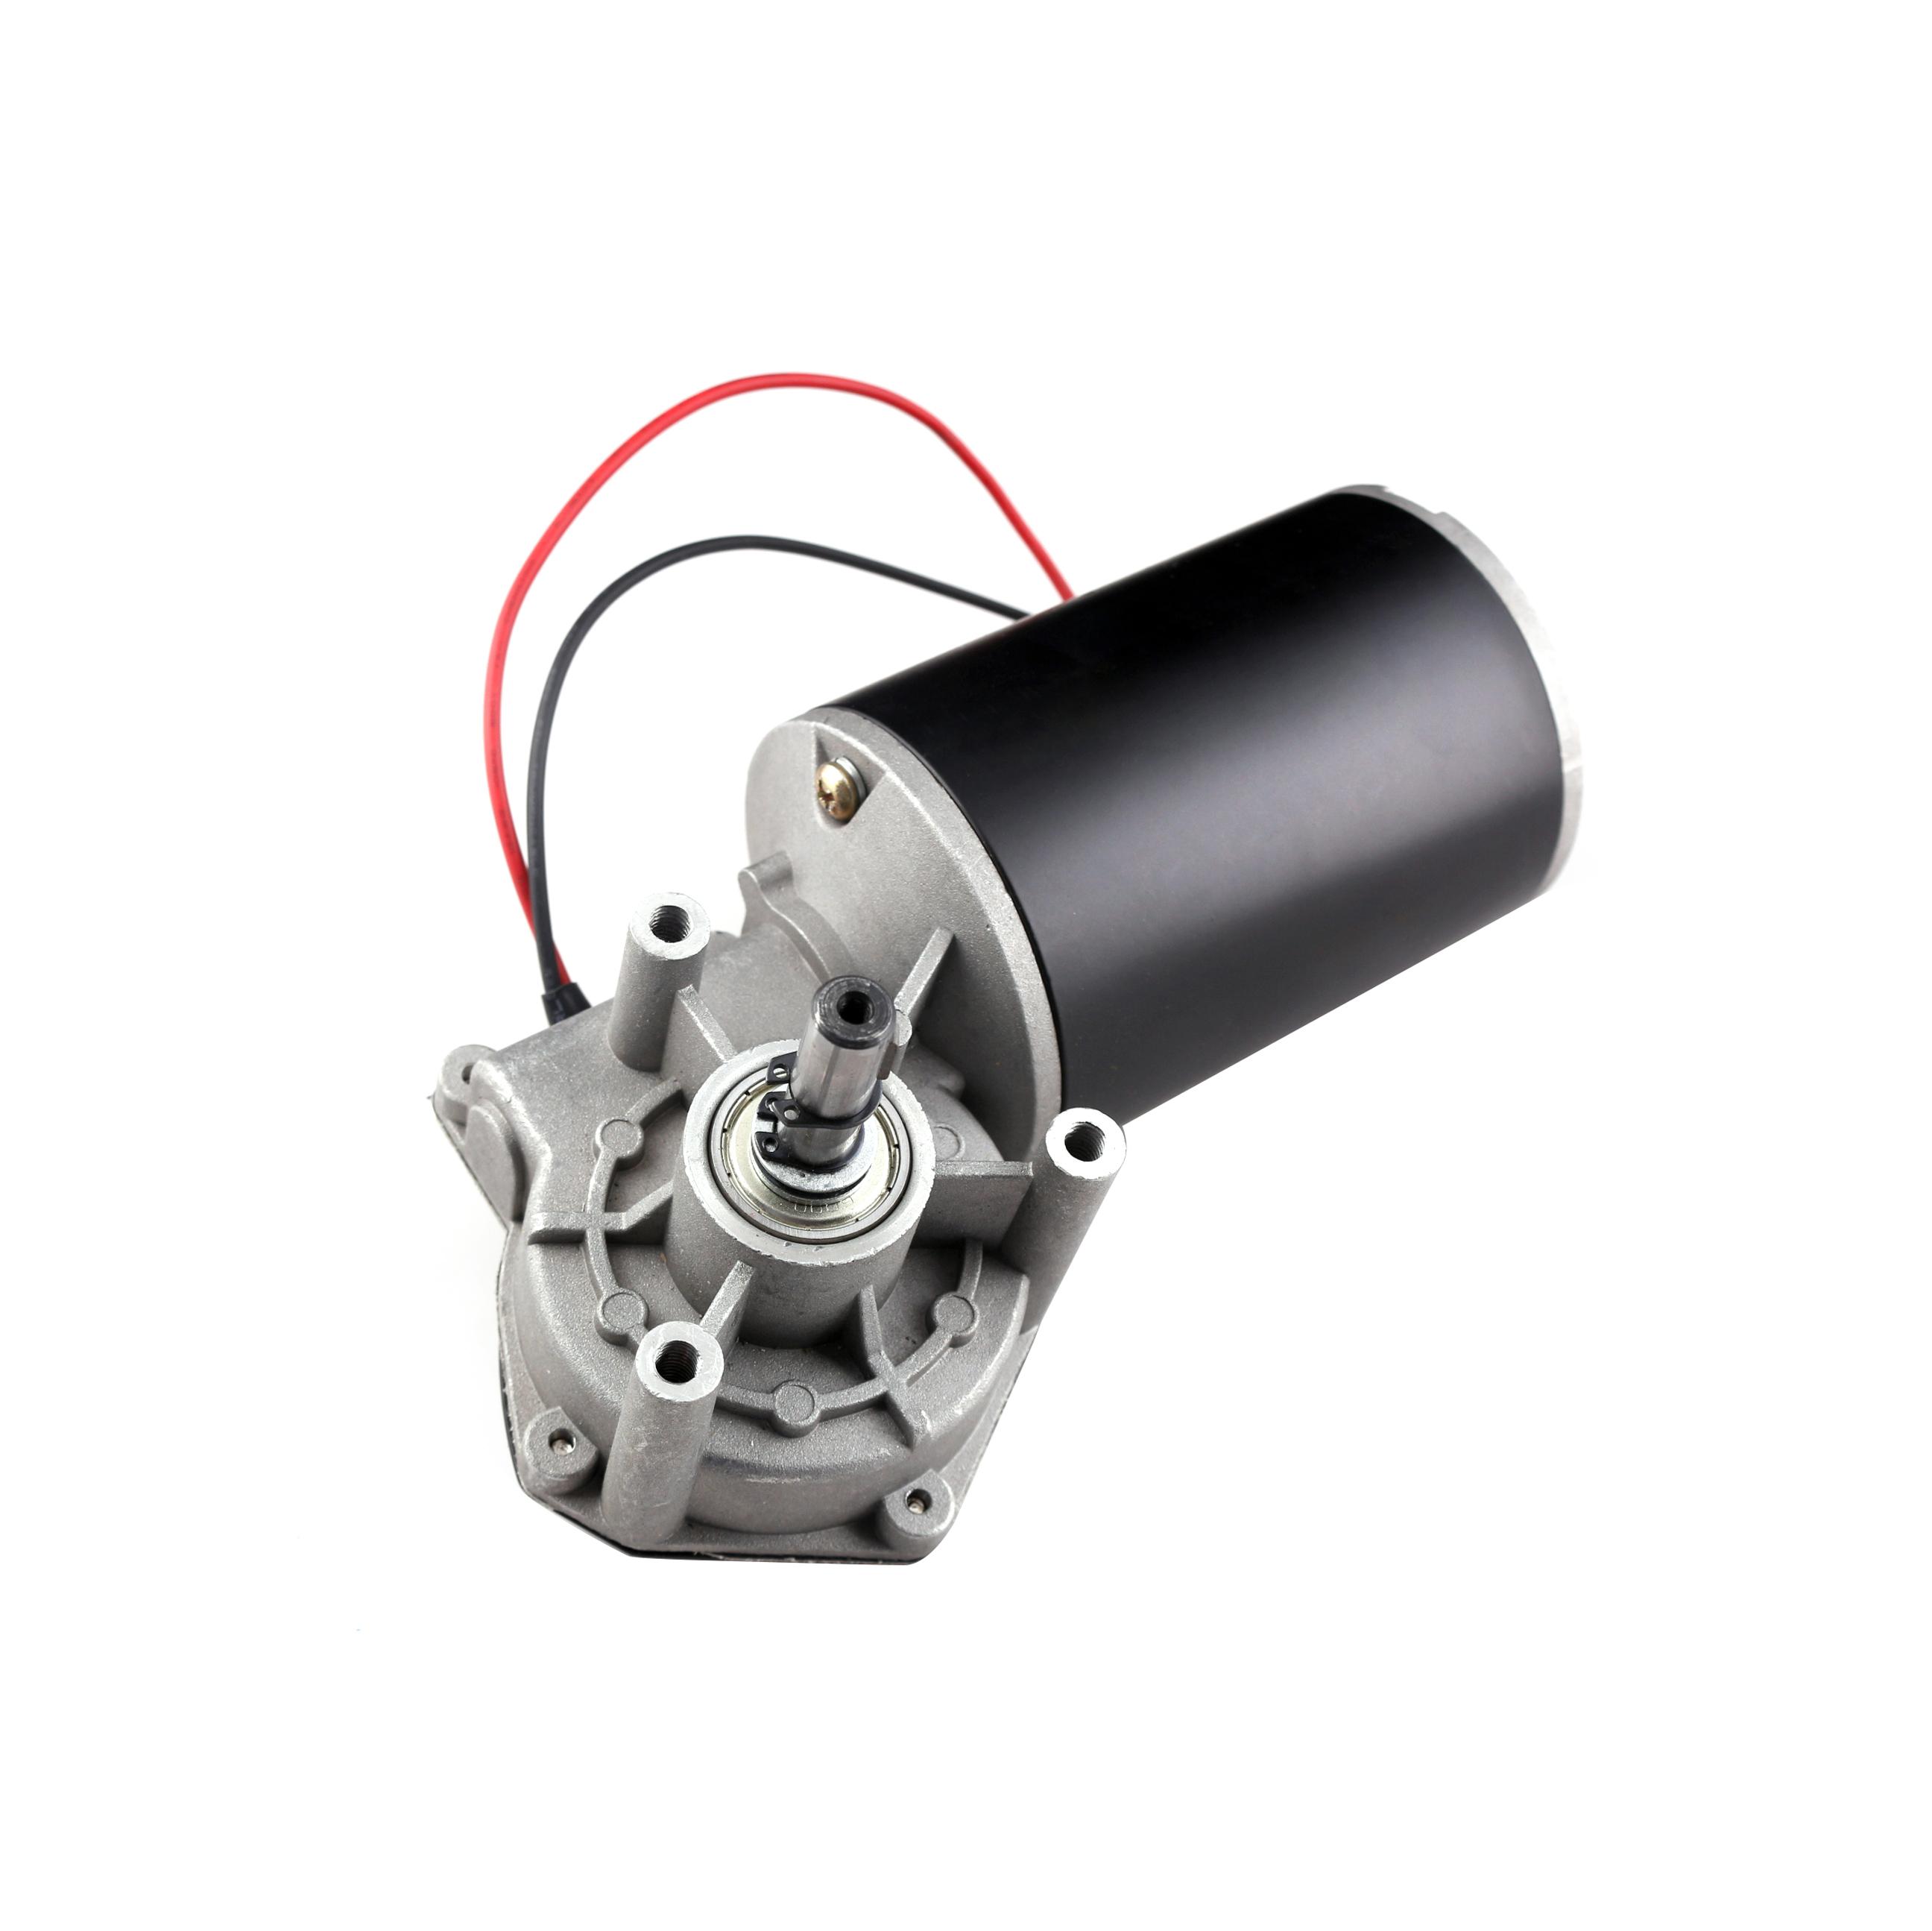 24V DC мотор-редуктор 24V матовый медный червячный микро-мотор